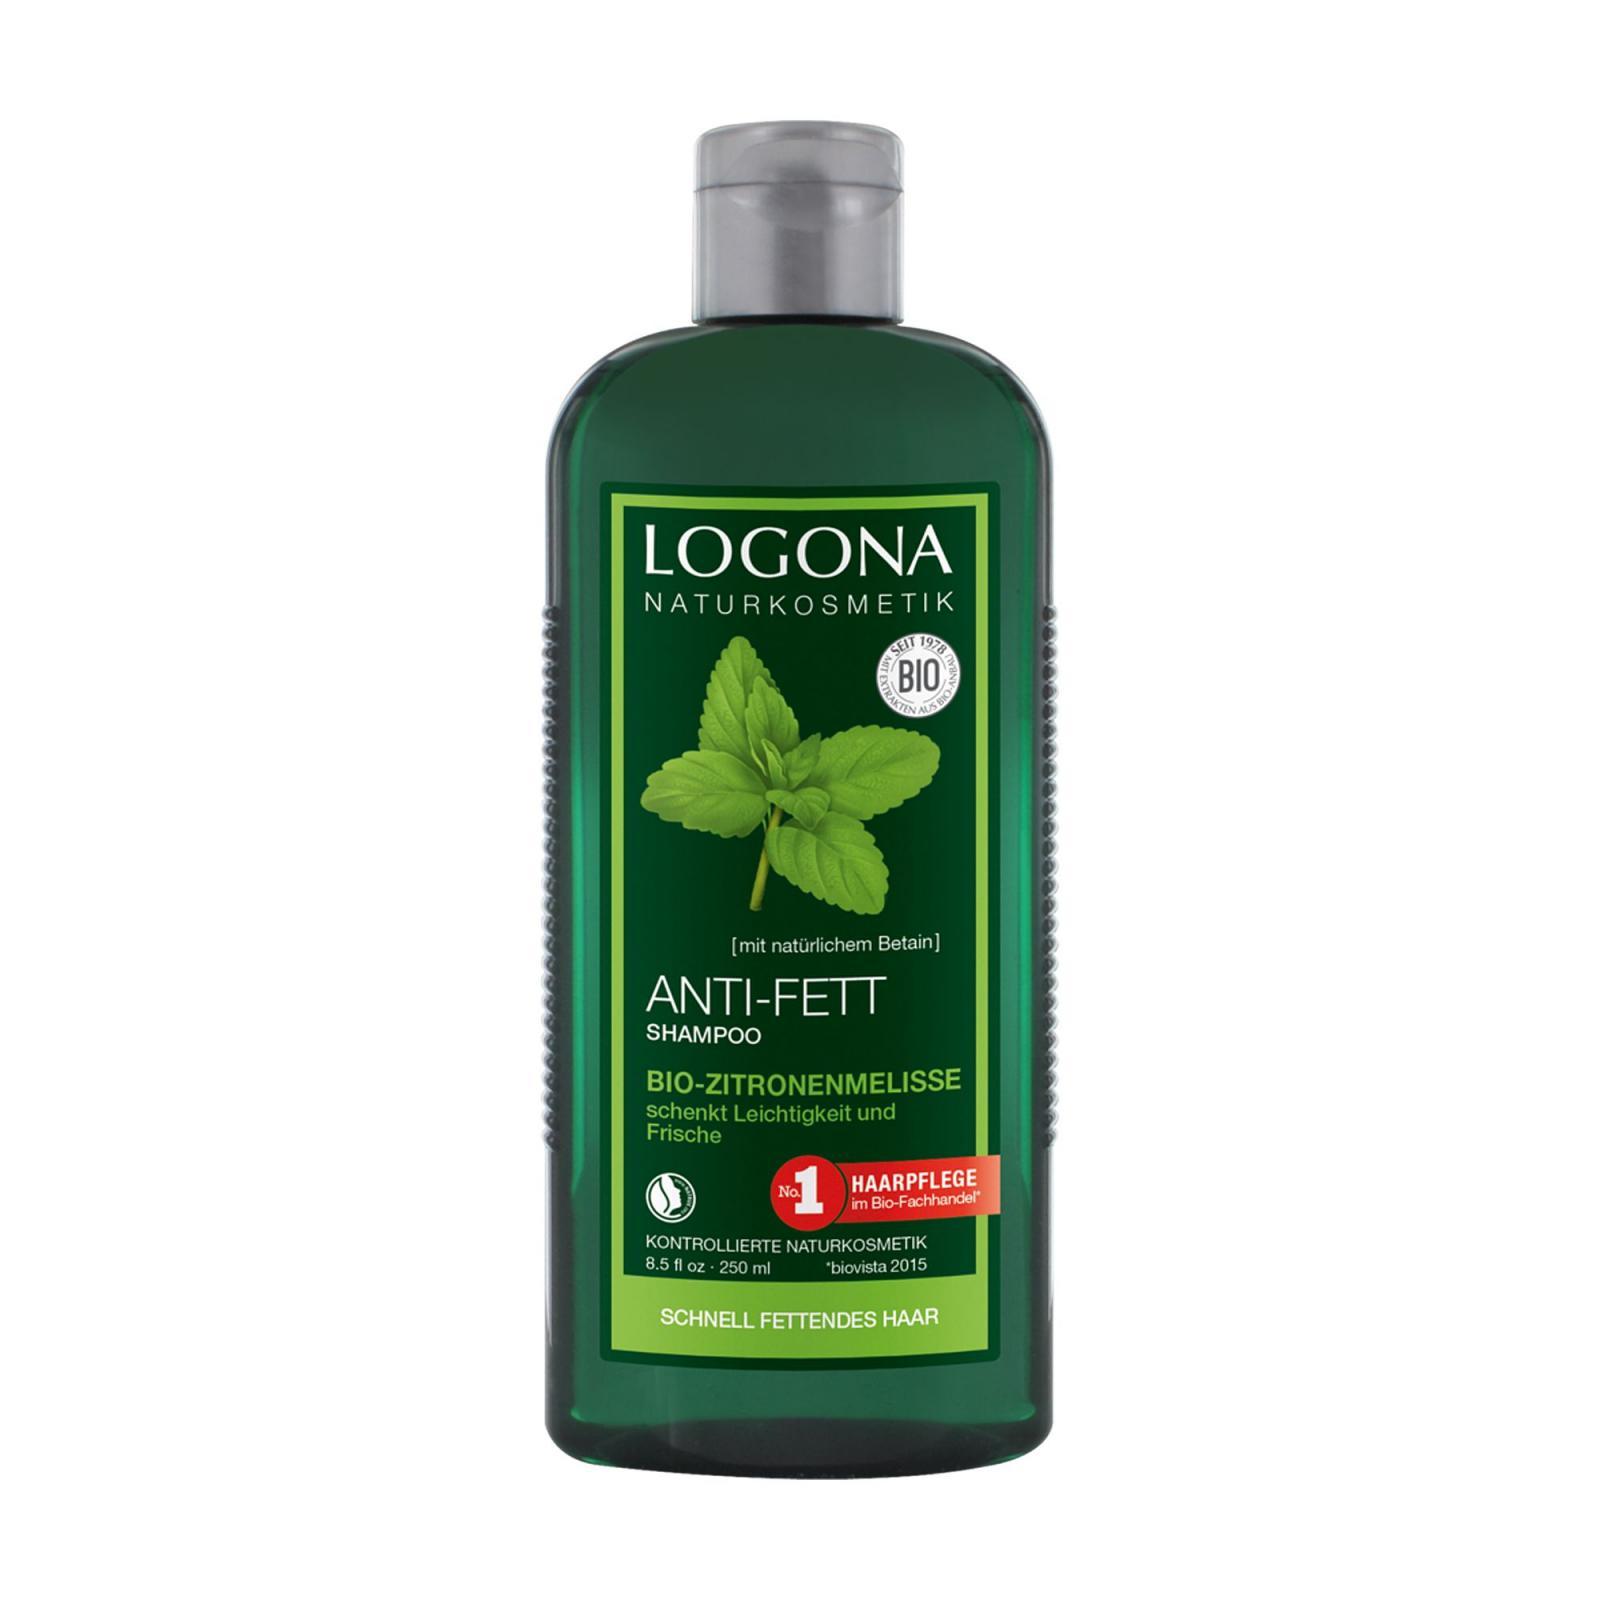 Logona Šampon pro mastné vlasy citrónová meduňka 250 ml